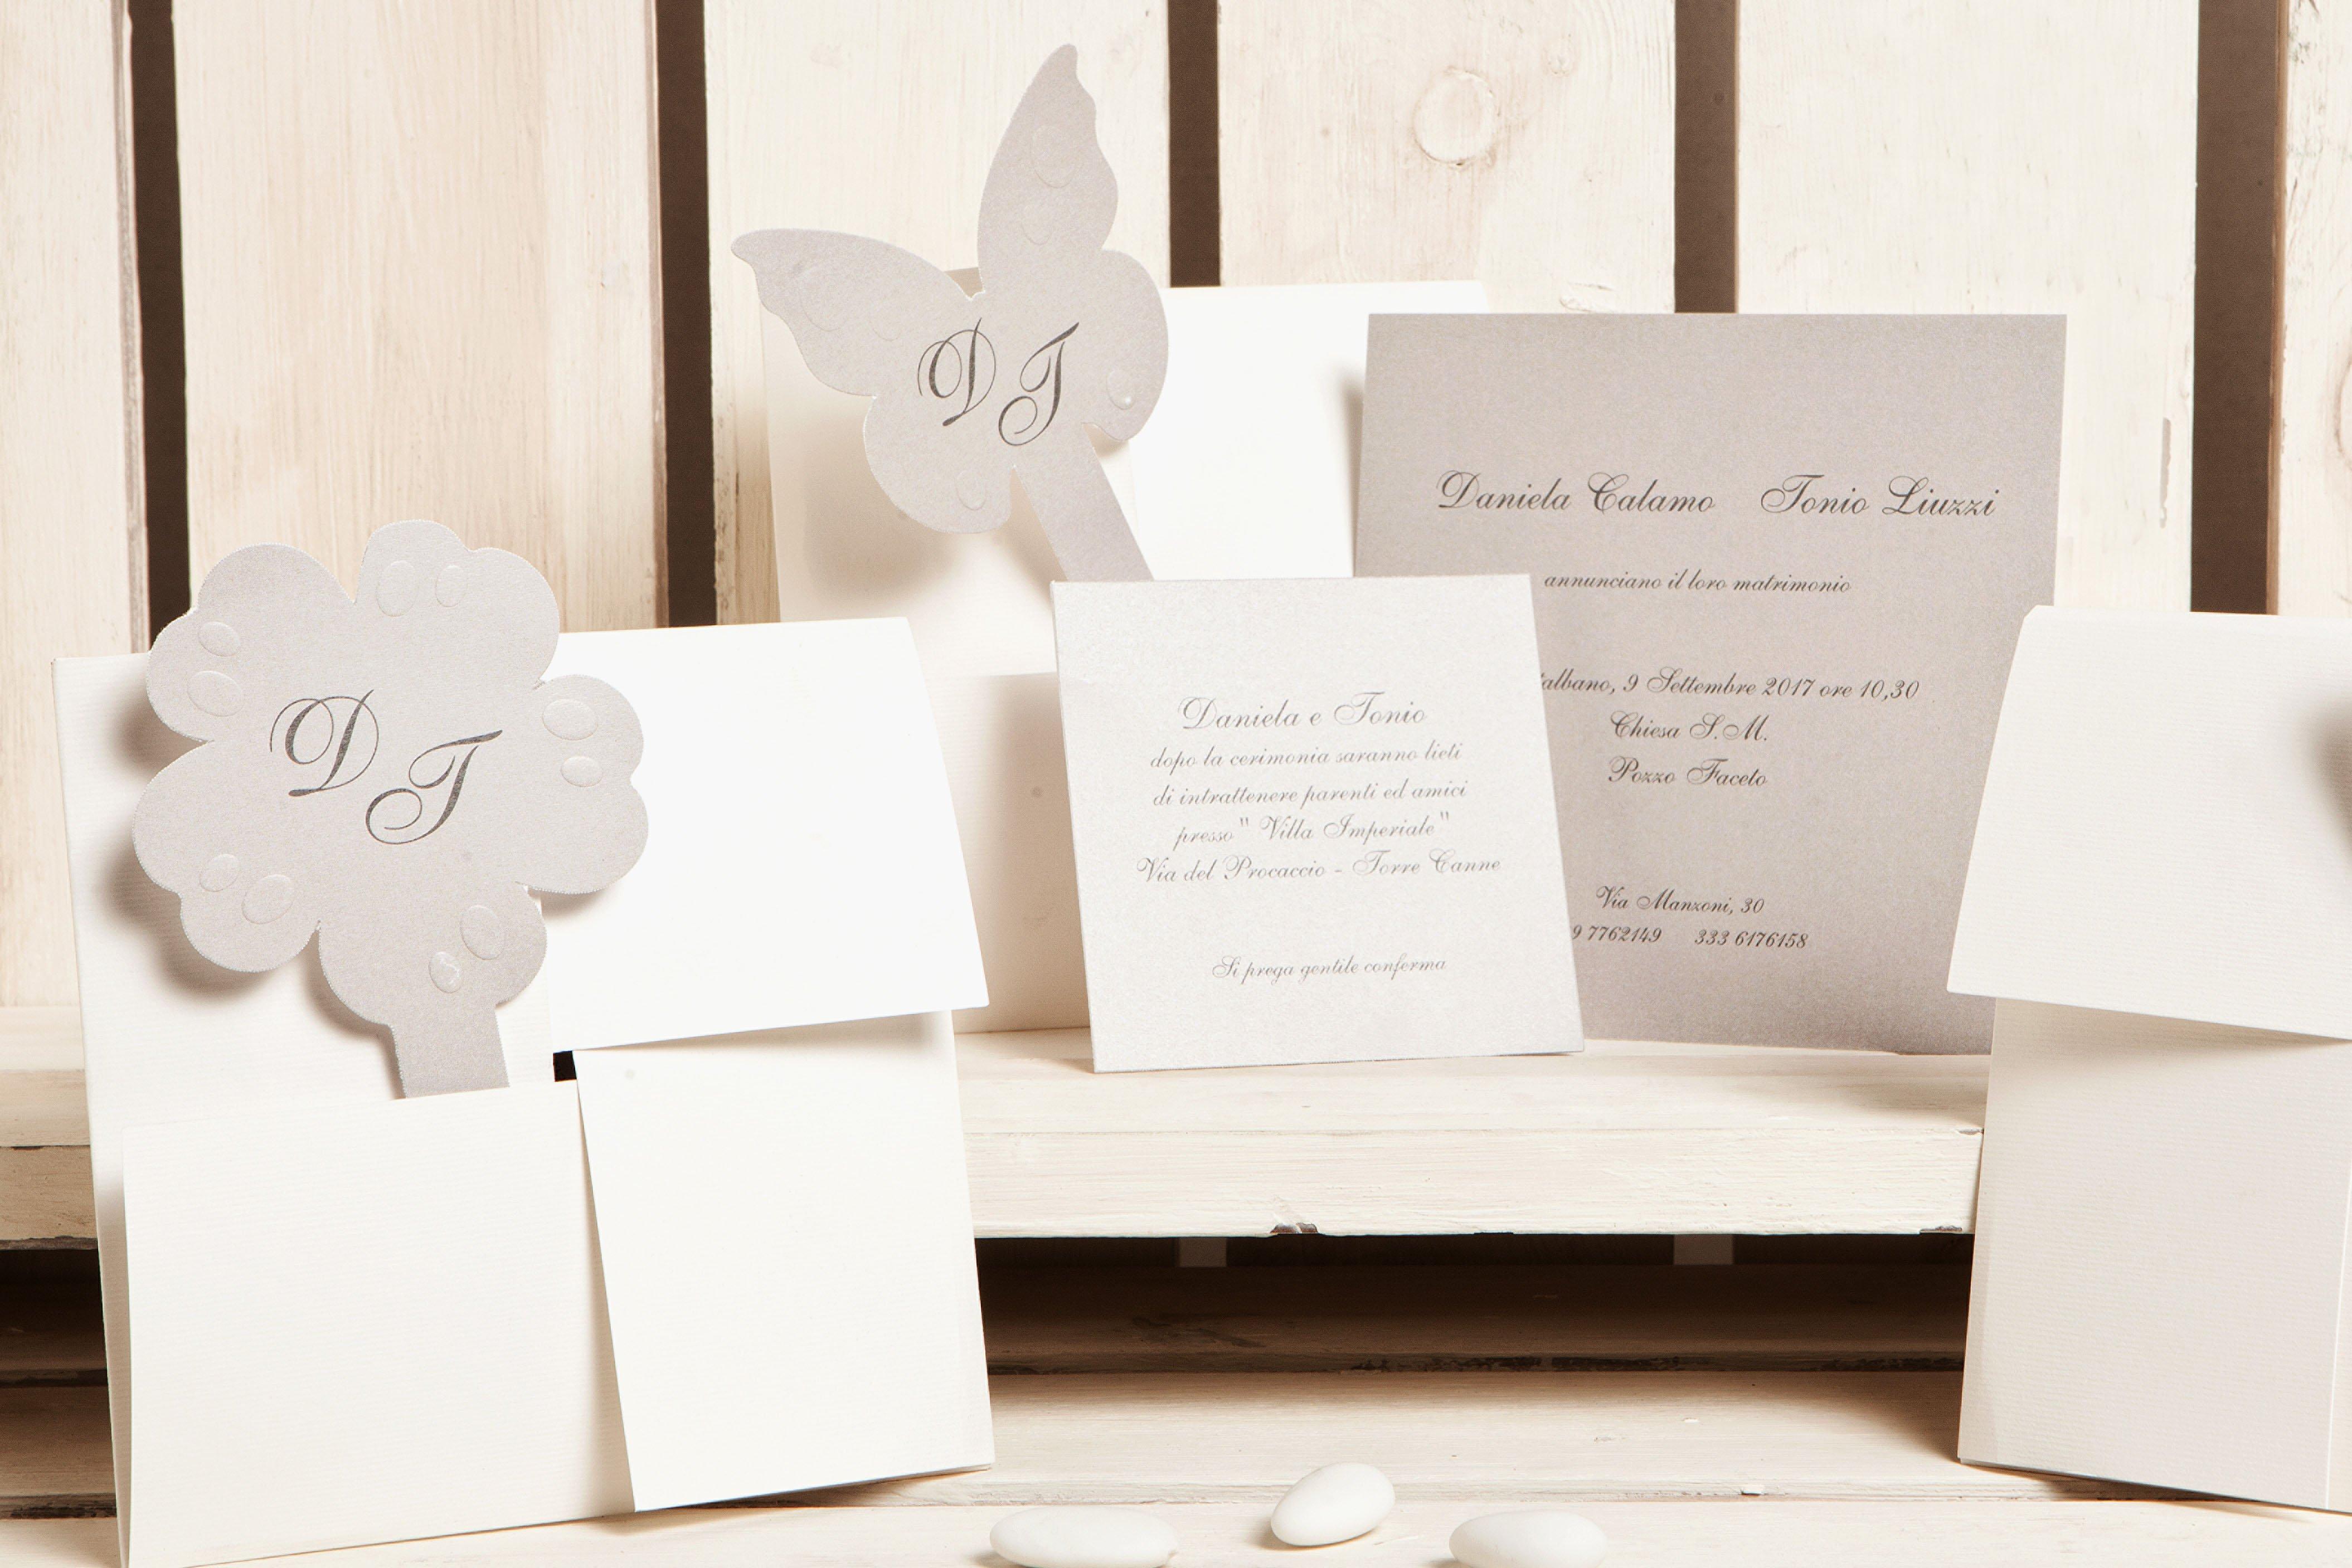 Inviti e partecipazioni di nozze